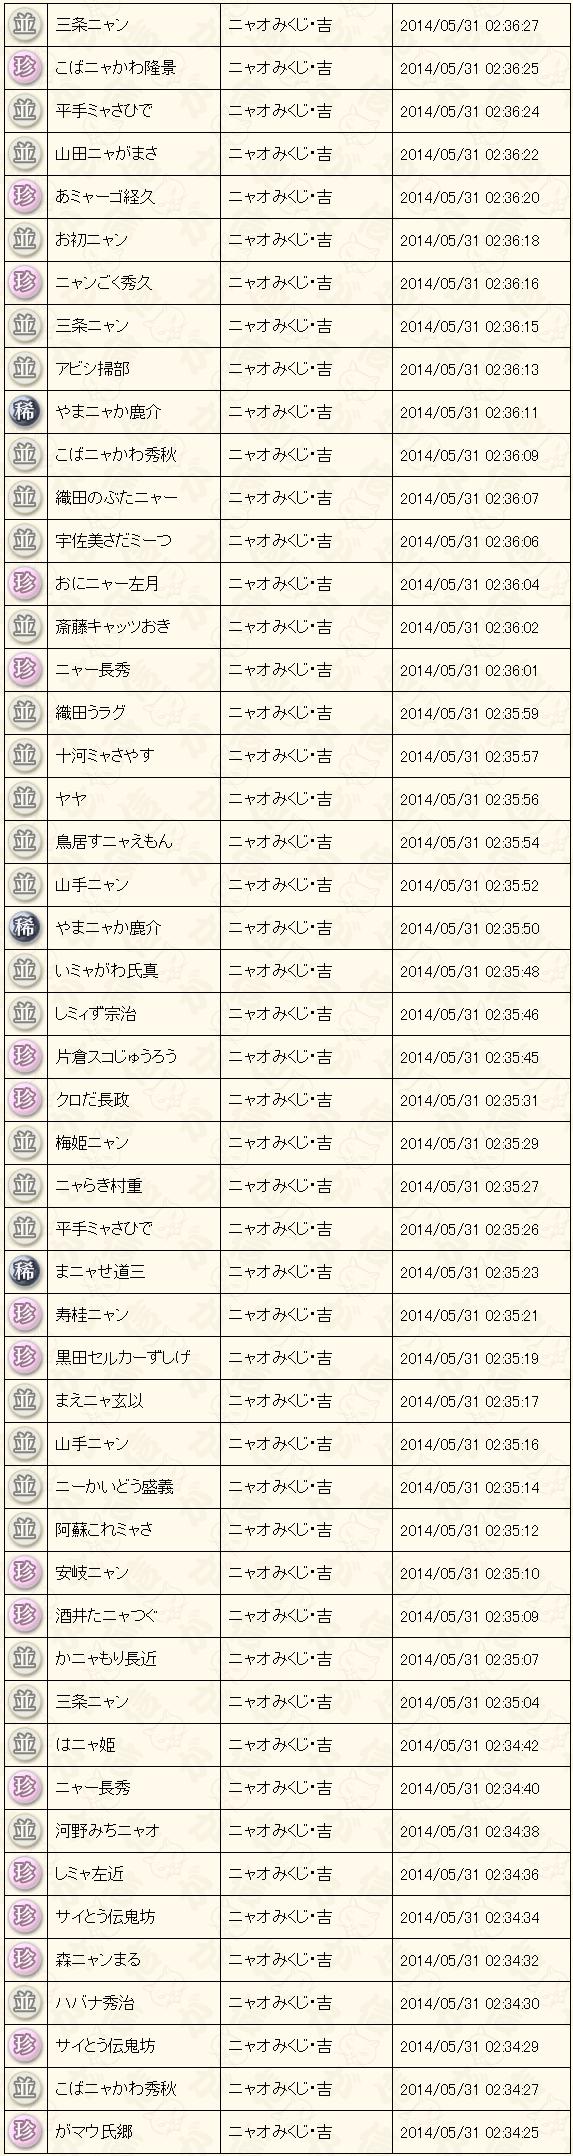 5月末くじ結果2014吉